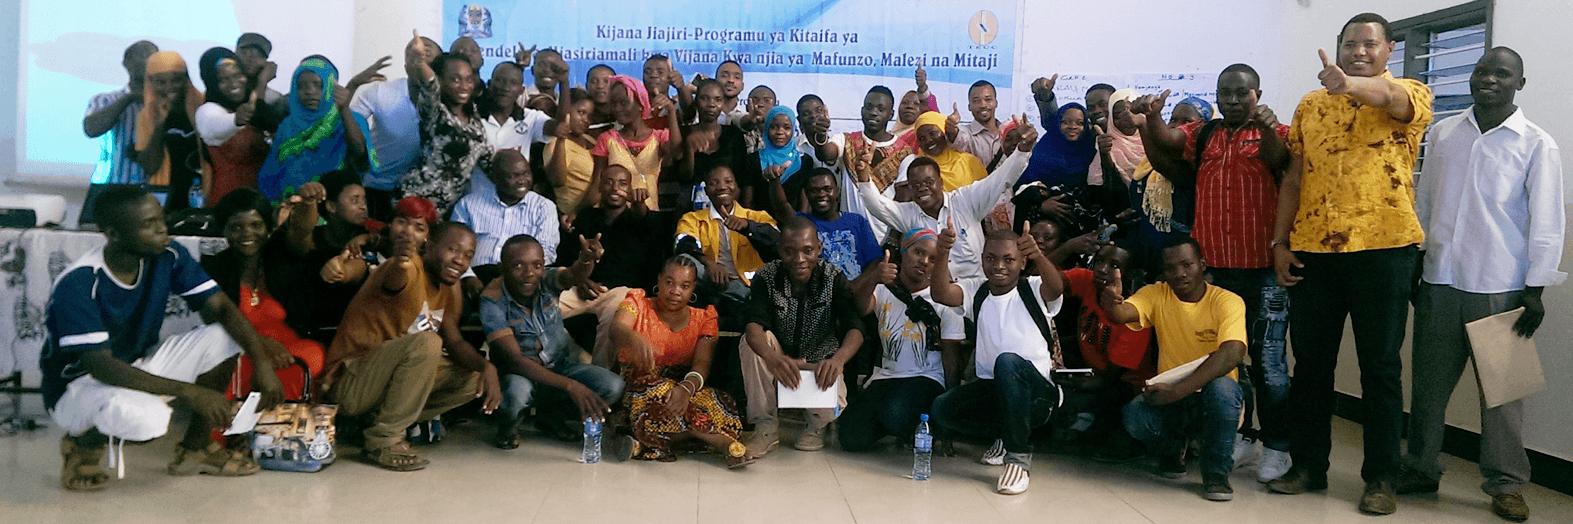 Mentees in Tanzania KJ